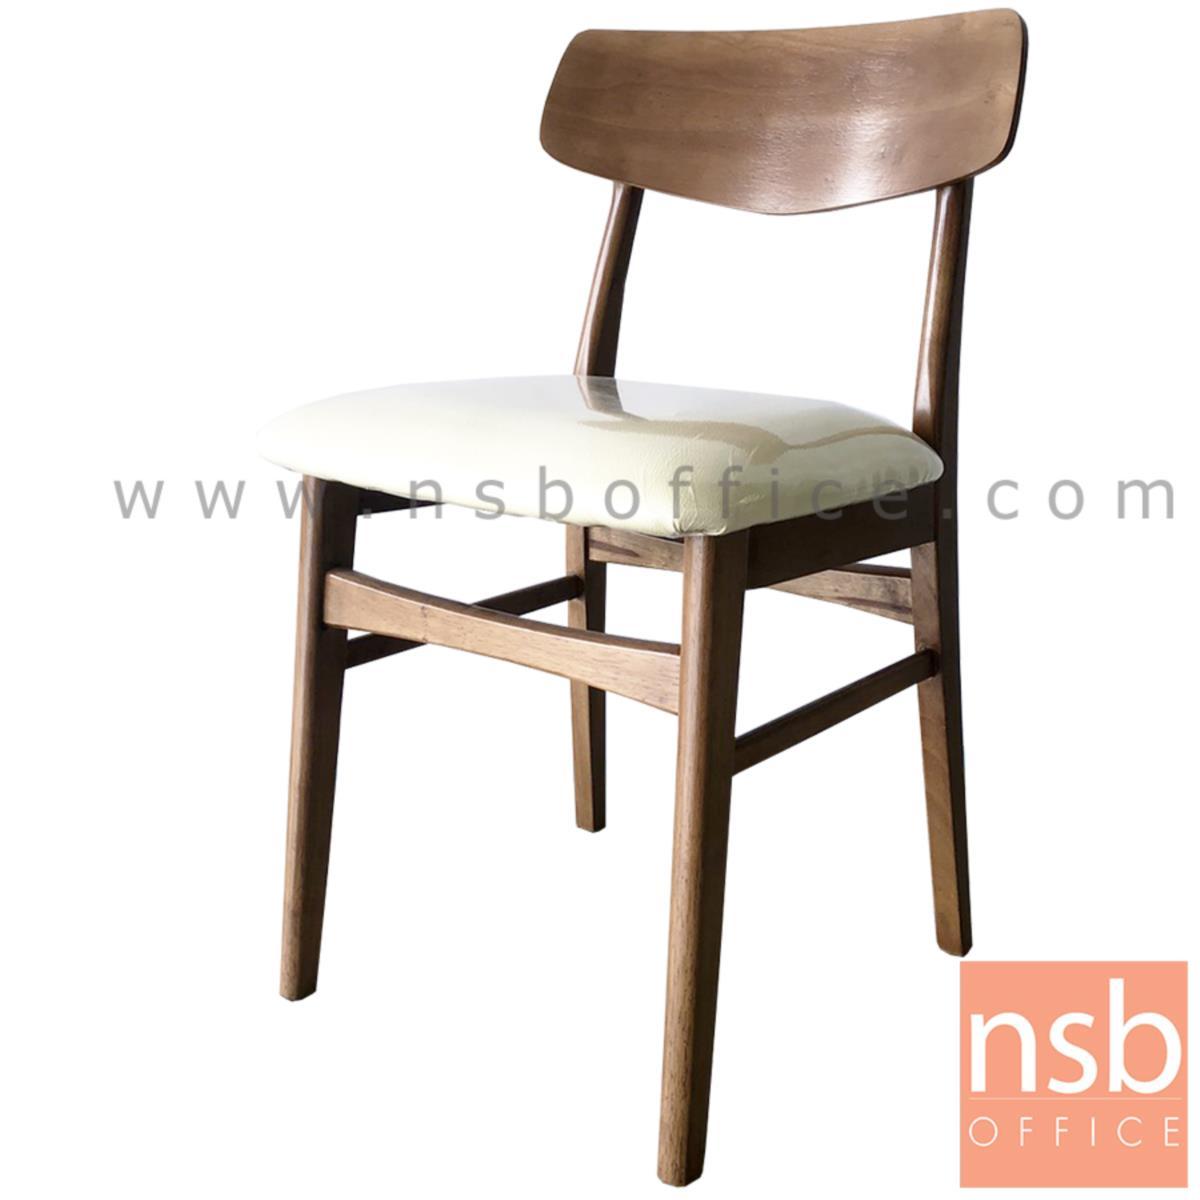 B22A179:เก้าอี้ไม้ที่นั่งหนังเทียม รุ่น IREN (ไอริน)  โครงไม้ยางพารา